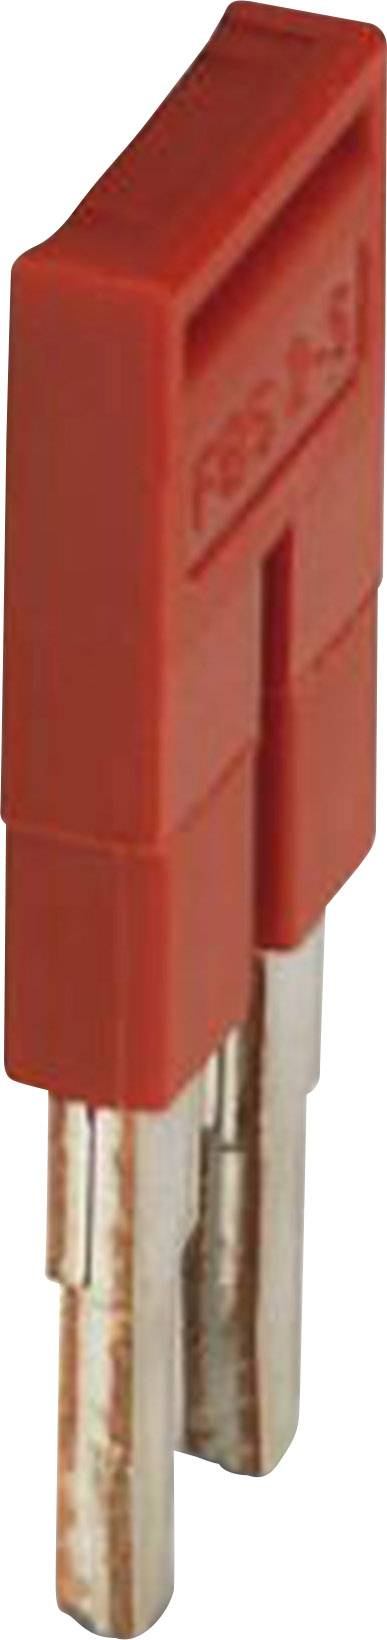 Zásuvný můstek Phoenix Contact FBS 2-5 (3030161), červená